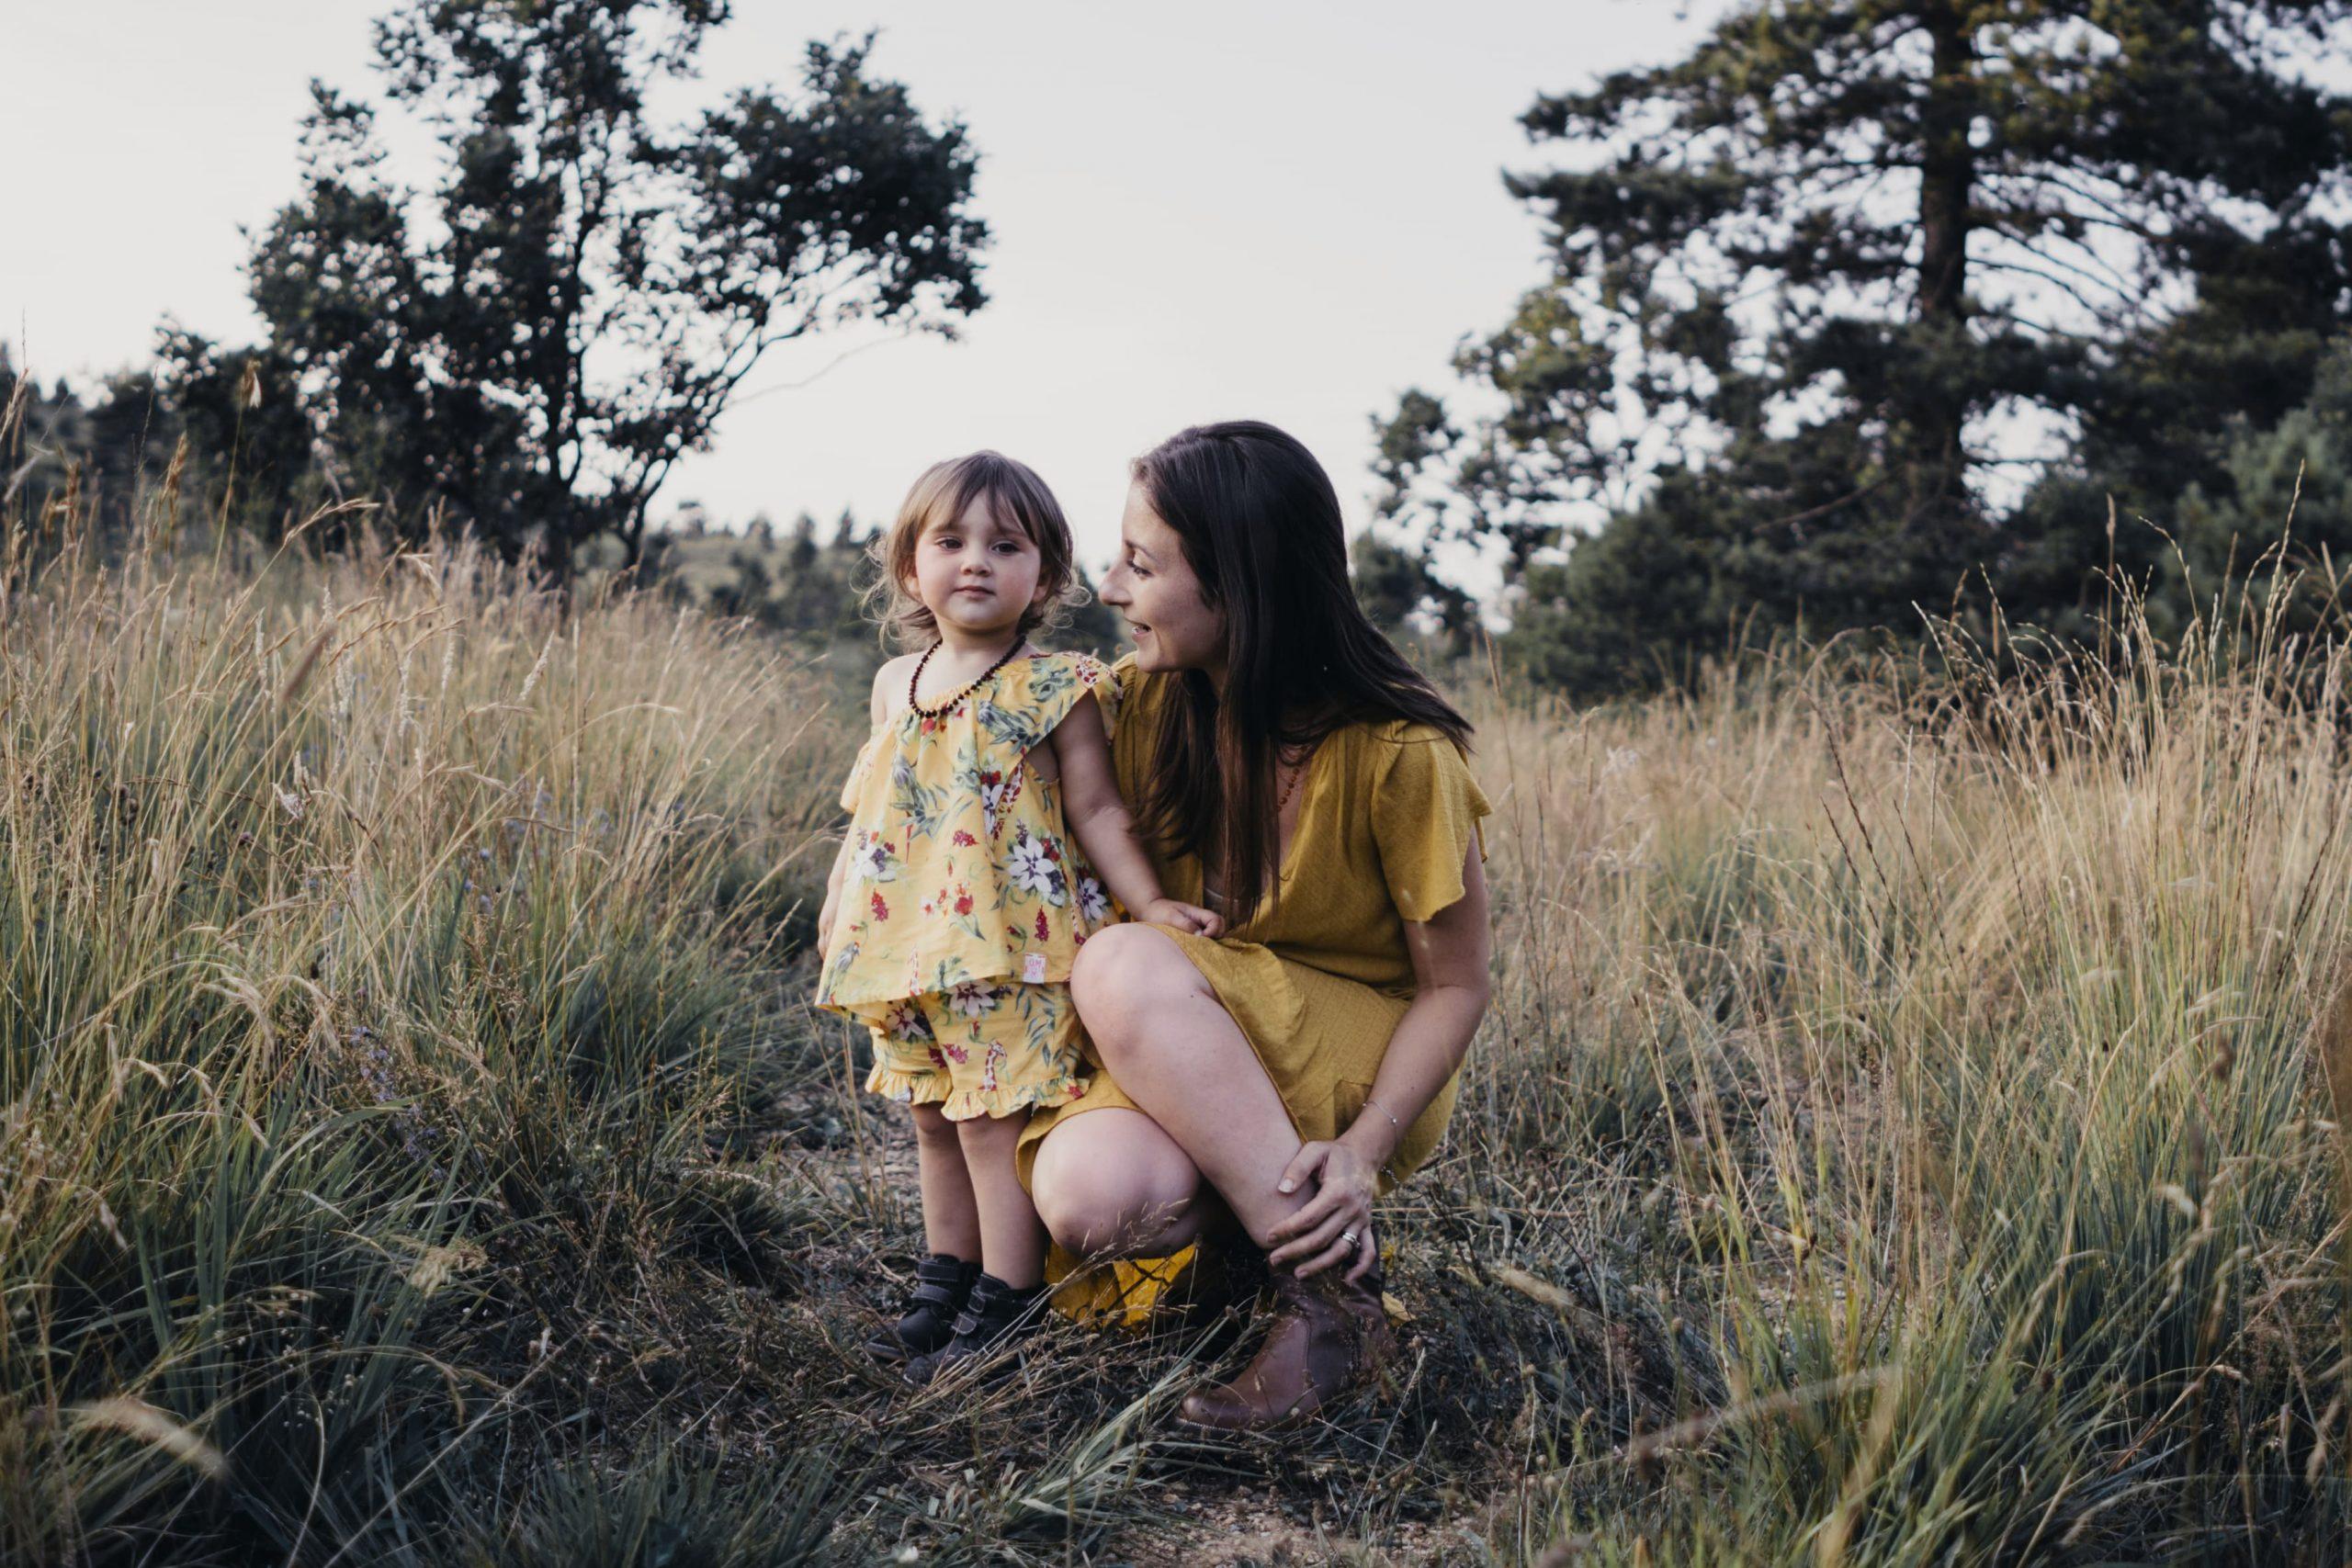 rebecca rinaldi photography. bimba con mamma posa per foto.